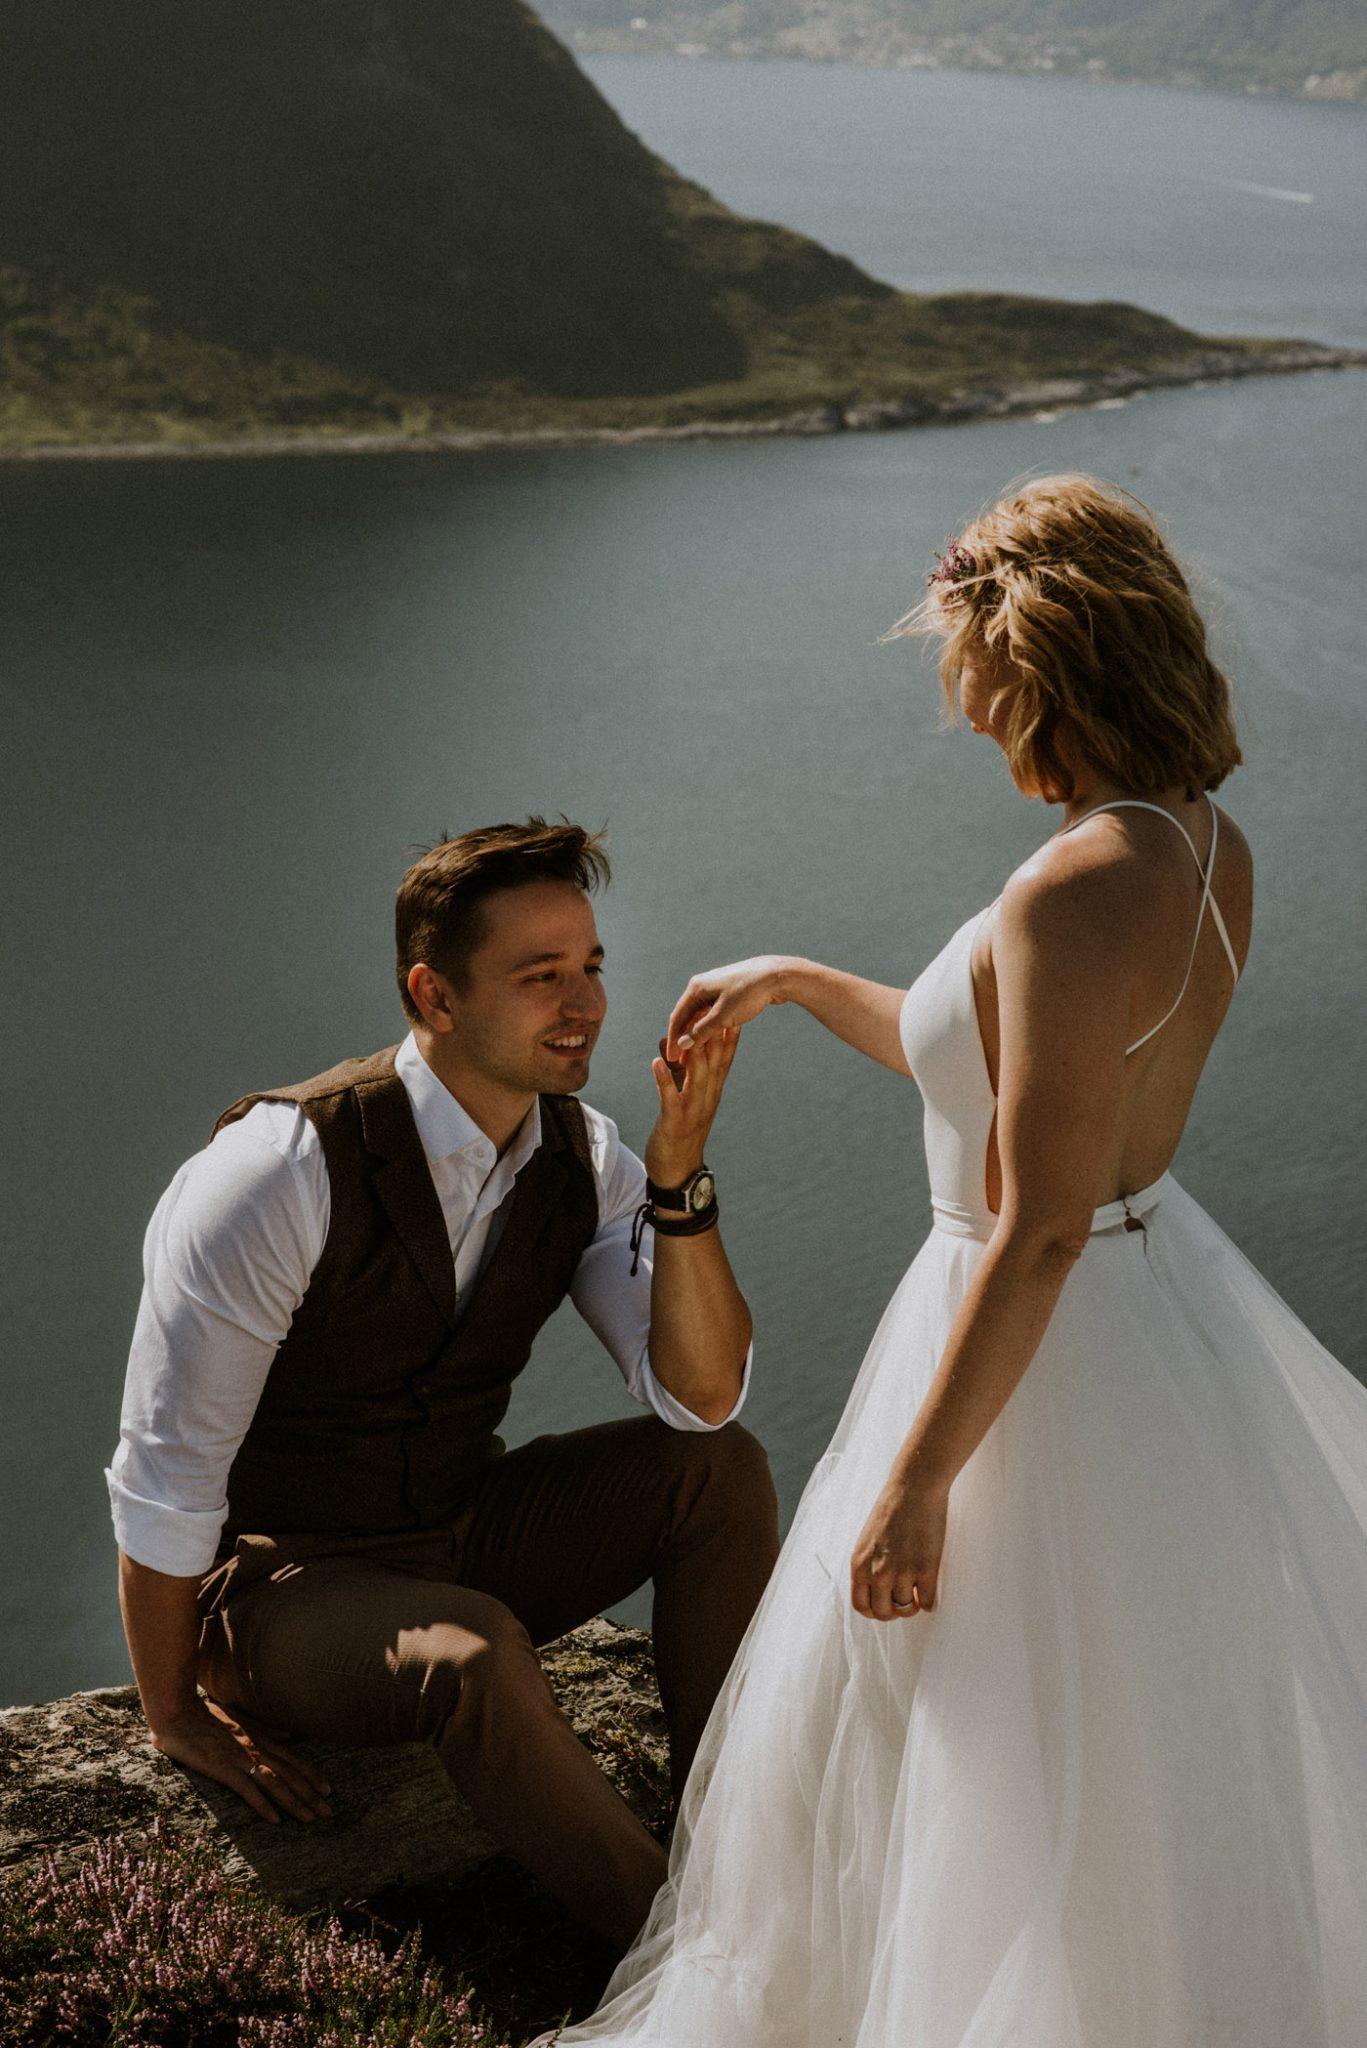 vestuvių-fotosesija-norvegijoje-70